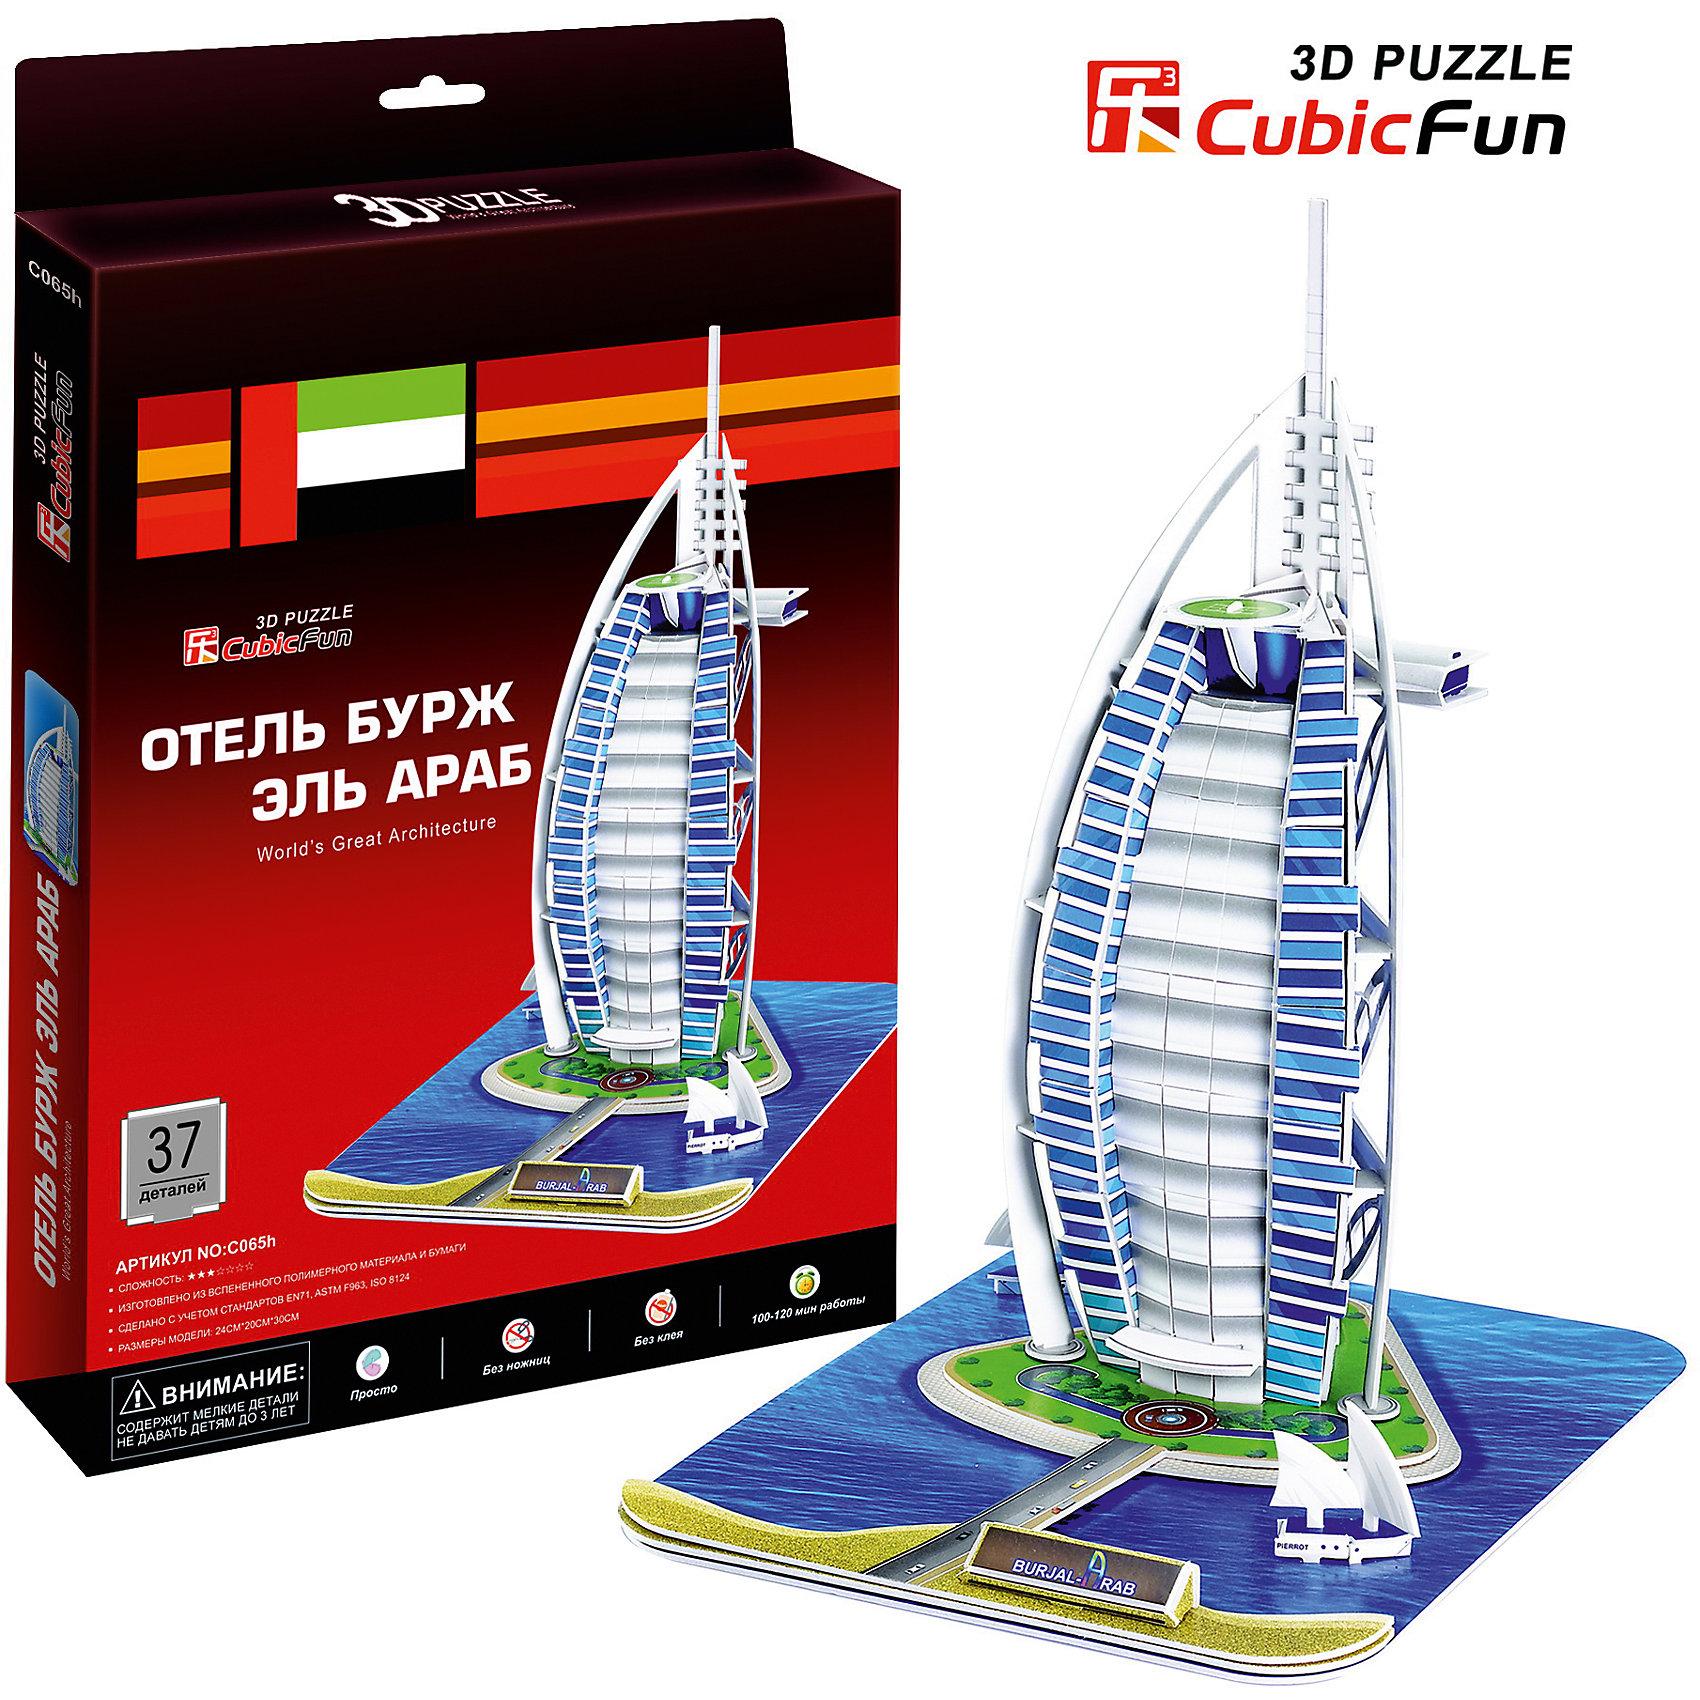 Пазл 3D Отель Бурж эль Араб (ОАЭ), CubicFun3D пазлы<br>Cubic Fun C065h Кубик фан Отель Бурж эль Араб (Дубаи)<br>Бурж эль-Араб  — роскошный отель в Дубае, крупном городе Объединённых Арабских Эмиратов. Здание стоит в море на расстоянии 280 метров от берега на искусственном острове, соединённом с землёй при помощи моста. Высота 321 метр. Строительство отеля началось в 1994 году, для посетителей он открылся 1 декабря 1999 года. Отель был построен в виде паруса доу, арабского судна. Ближе к верху находится вертолётная площадка, а с другой стороны — ресторан «Аль-Мунтаха» (араб. ?? Высочайший). Конструкция поддерживается консольными балками.<br>Уровень сложности - 3<br>Функции:   <br>- помогает в развитии логики и творческих способностей ребенка;<br>- помогает в формировании мышления, речи, внимания, восприятия и воображения;<br>- развивает моторику рук;<br>- расширяет кругозор ребенка и стимулирует к познанию новой информации;<br>Практические характеристики:<br>- обучающая, яркая и реалистичная модель;<br>- идеально и легко собирается без инструментов;<br>- увлекательный игровой процесс;<br>- тематический ассортимент;<br>- новый качественный материал (ламинированный пенокартон)<br><br>Ширина мм: 20<br>Глубина мм: 330<br>Высота мм: 220<br>Вес г: 325<br>Возраст от месяцев: 72<br>Возраст до месяцев: 192<br>Пол: Унисекс<br>Возраст: Детский<br>SKU: 4951140